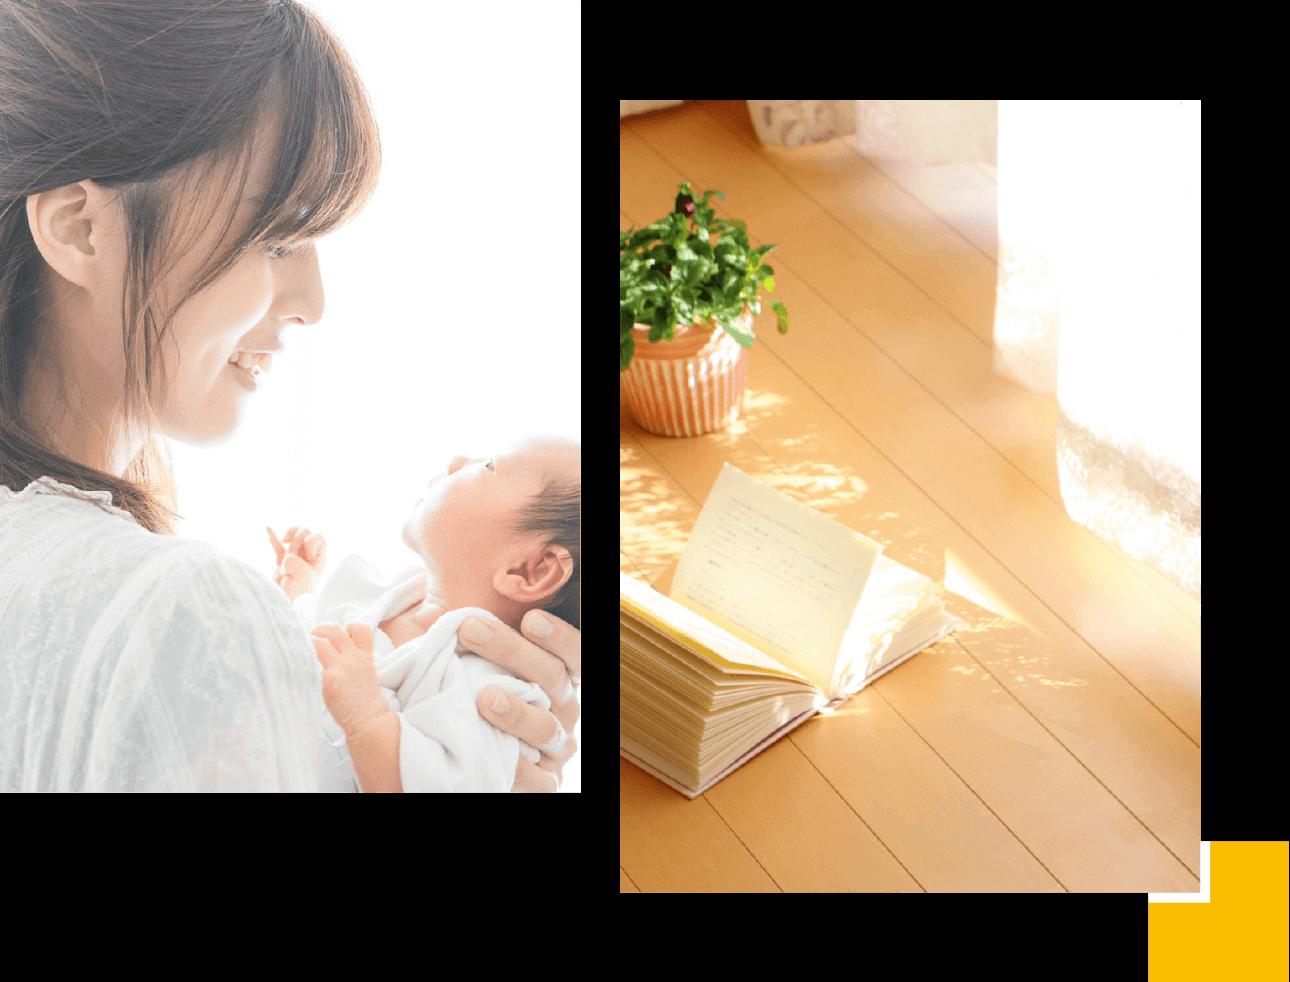 患者さんのライフイベント(進学・結婚・出産・育児・引っ越しなど)を 考慮した矯正治療